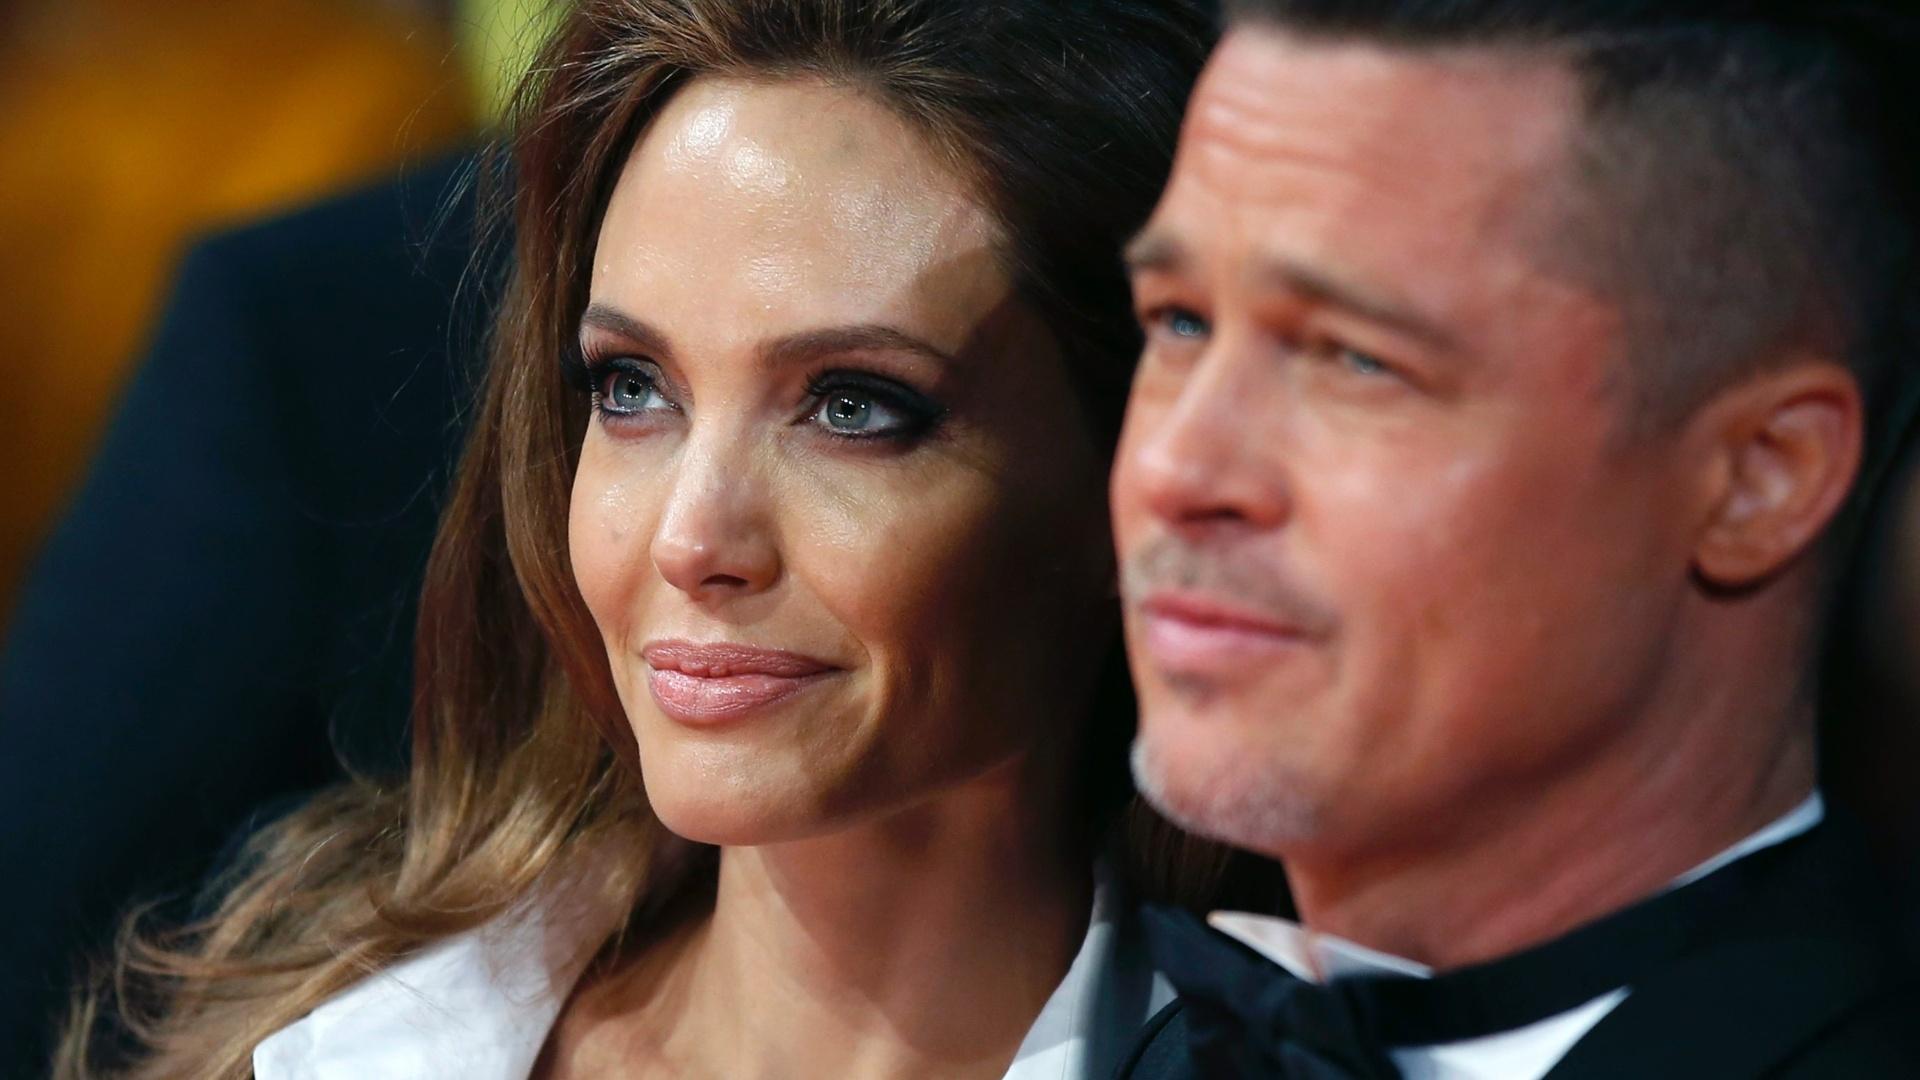 16.fev.2014 - Angelina Jolie e Brad Pitt no tapete vermelho do BAFTA 2014. A premiação acontece no Royal Opera House, em Londres, na noite deste domingo (16)